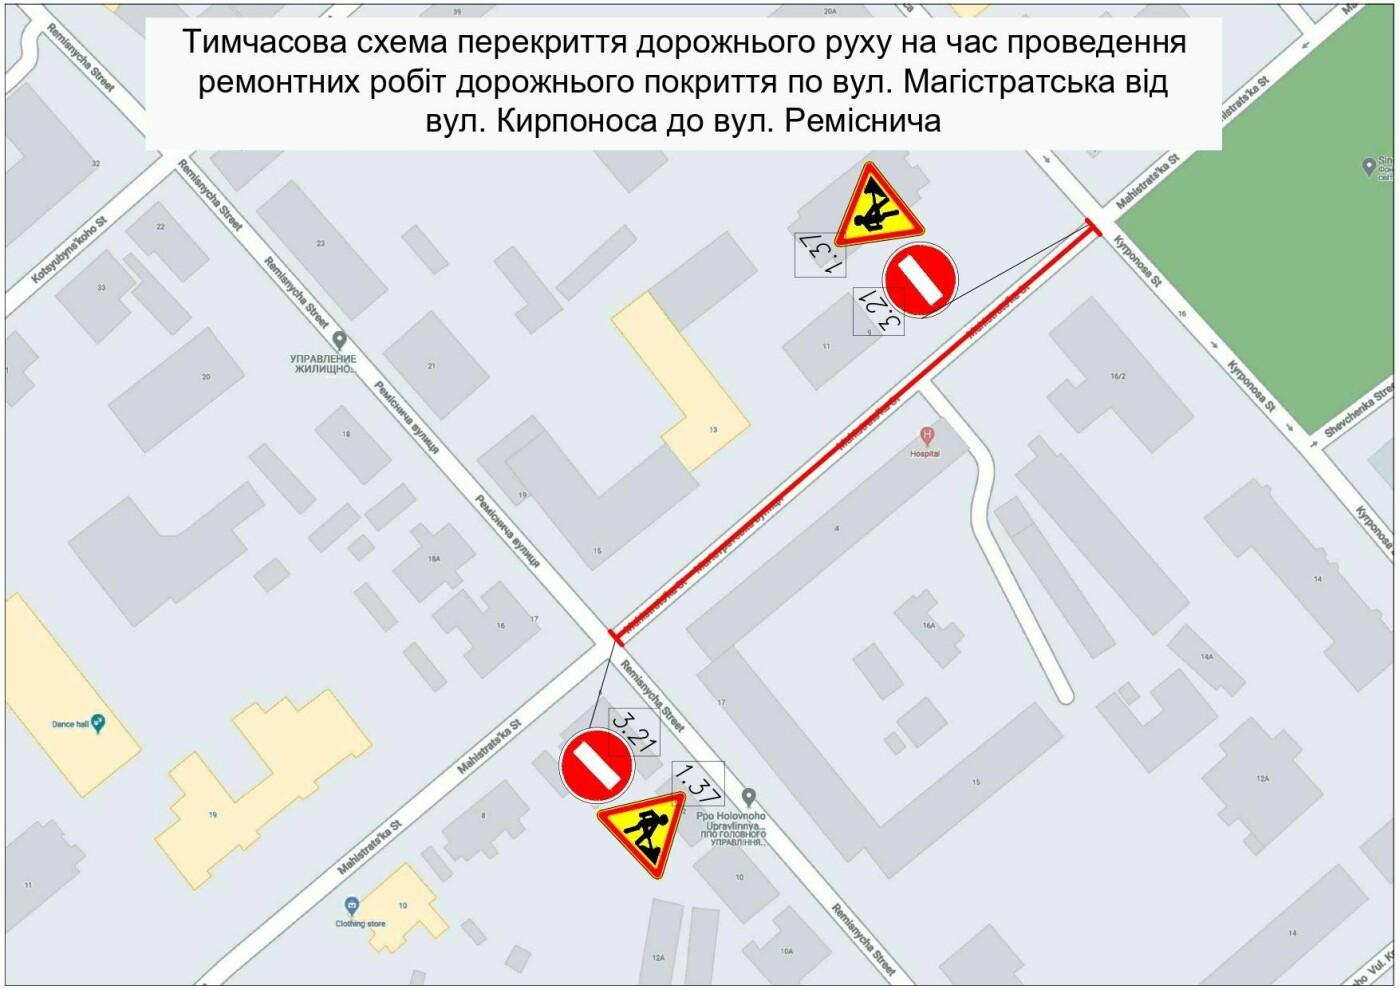 Завтра у Чернігові перекриють частину вулиці Кирпоноса: тролейбуси цю ділянку об'їжджатимуть , фото-2